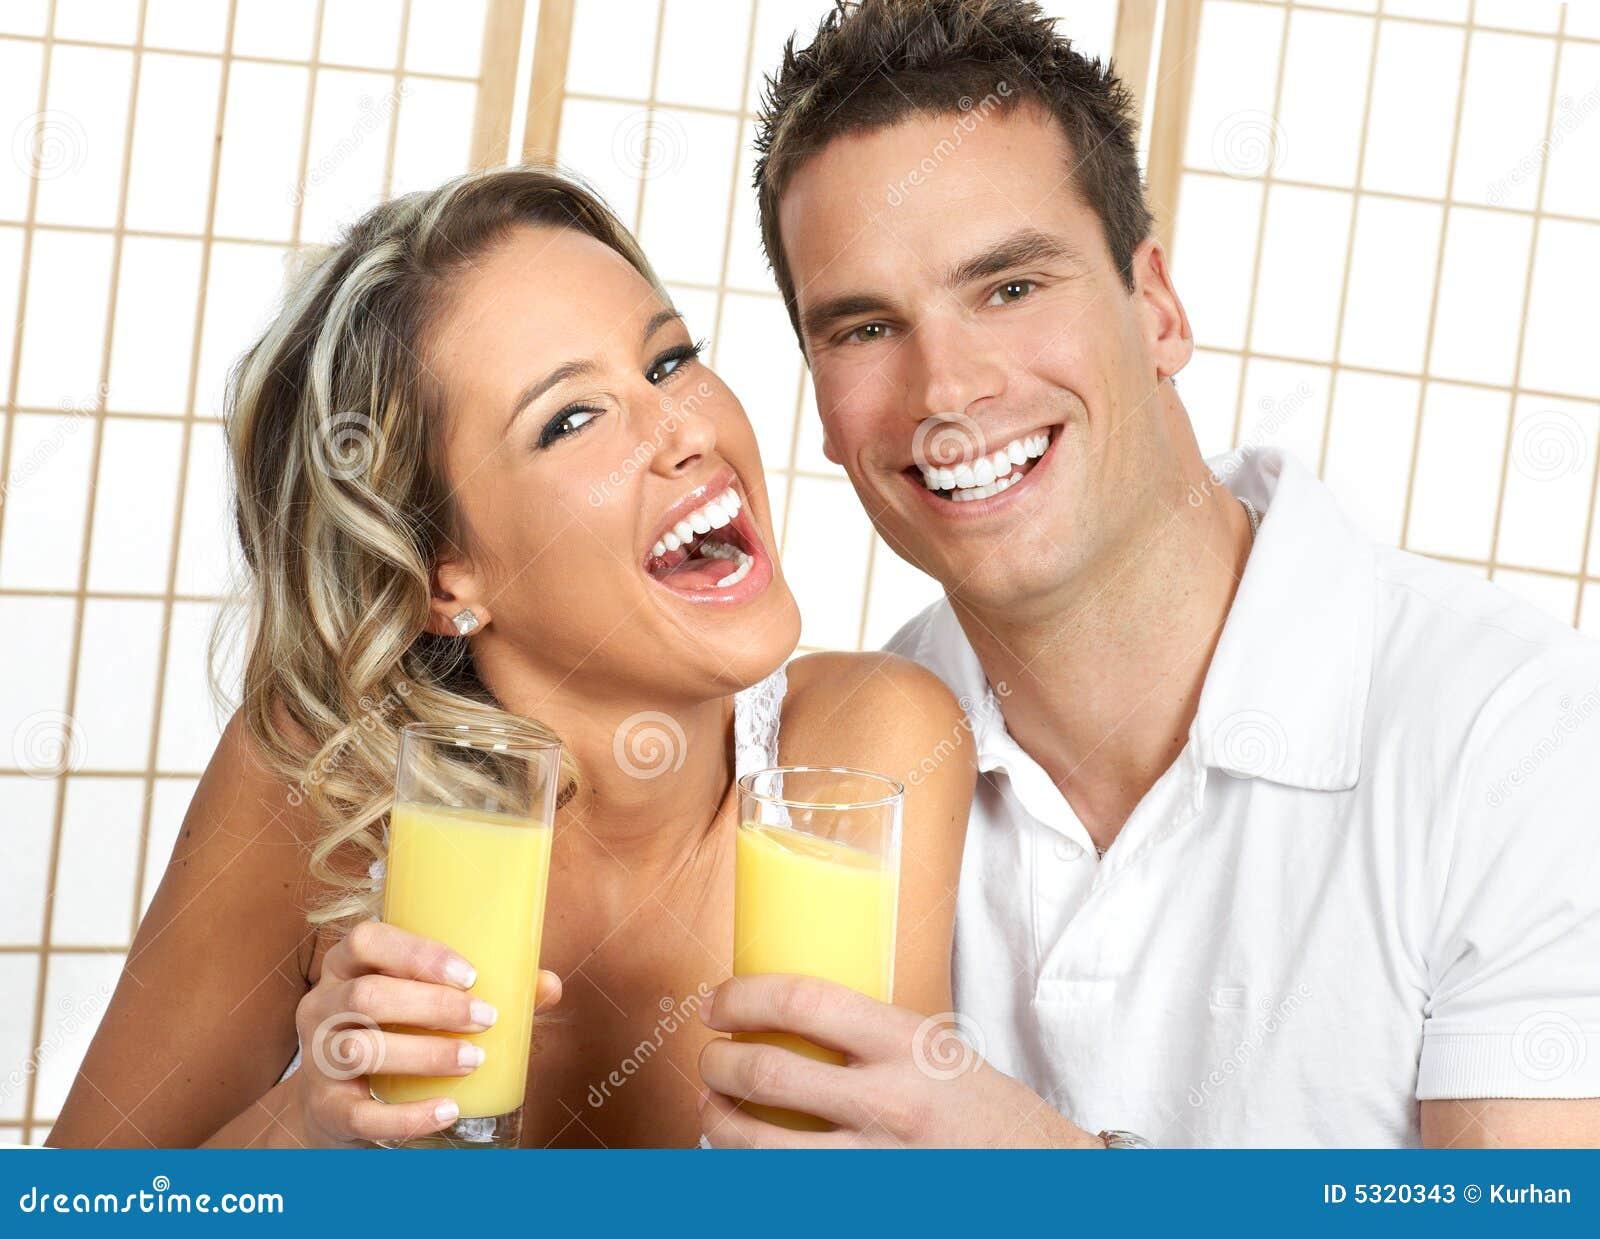 Download Salute immagine stock. Immagine di amanti, arancione, sorriso - 5320343